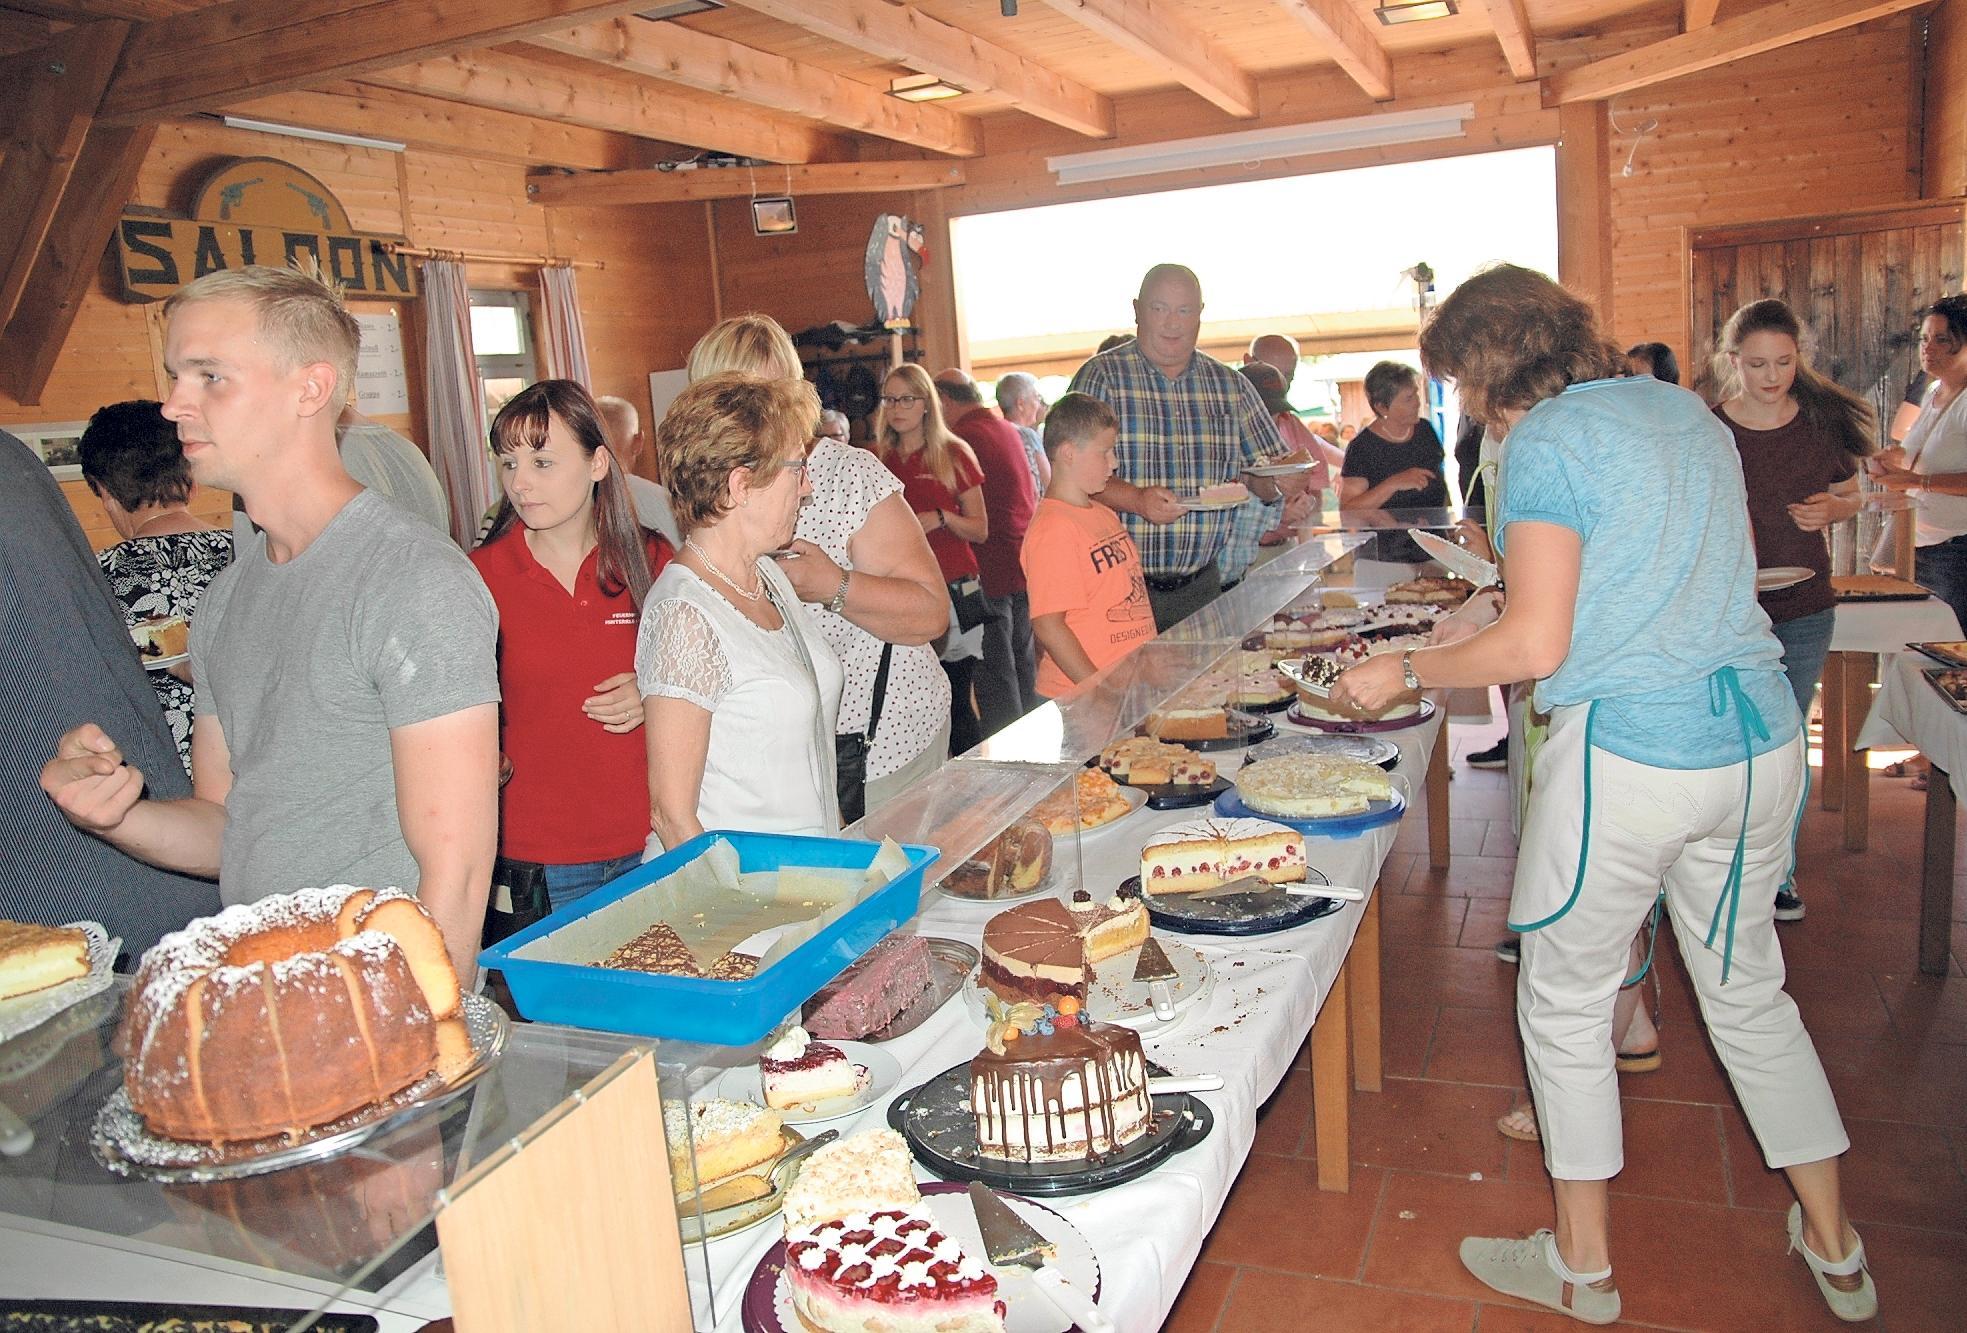 Kuchen und Torten in Hülle und Fülle sowie frische Küchla werden am Sonntag angeboten.